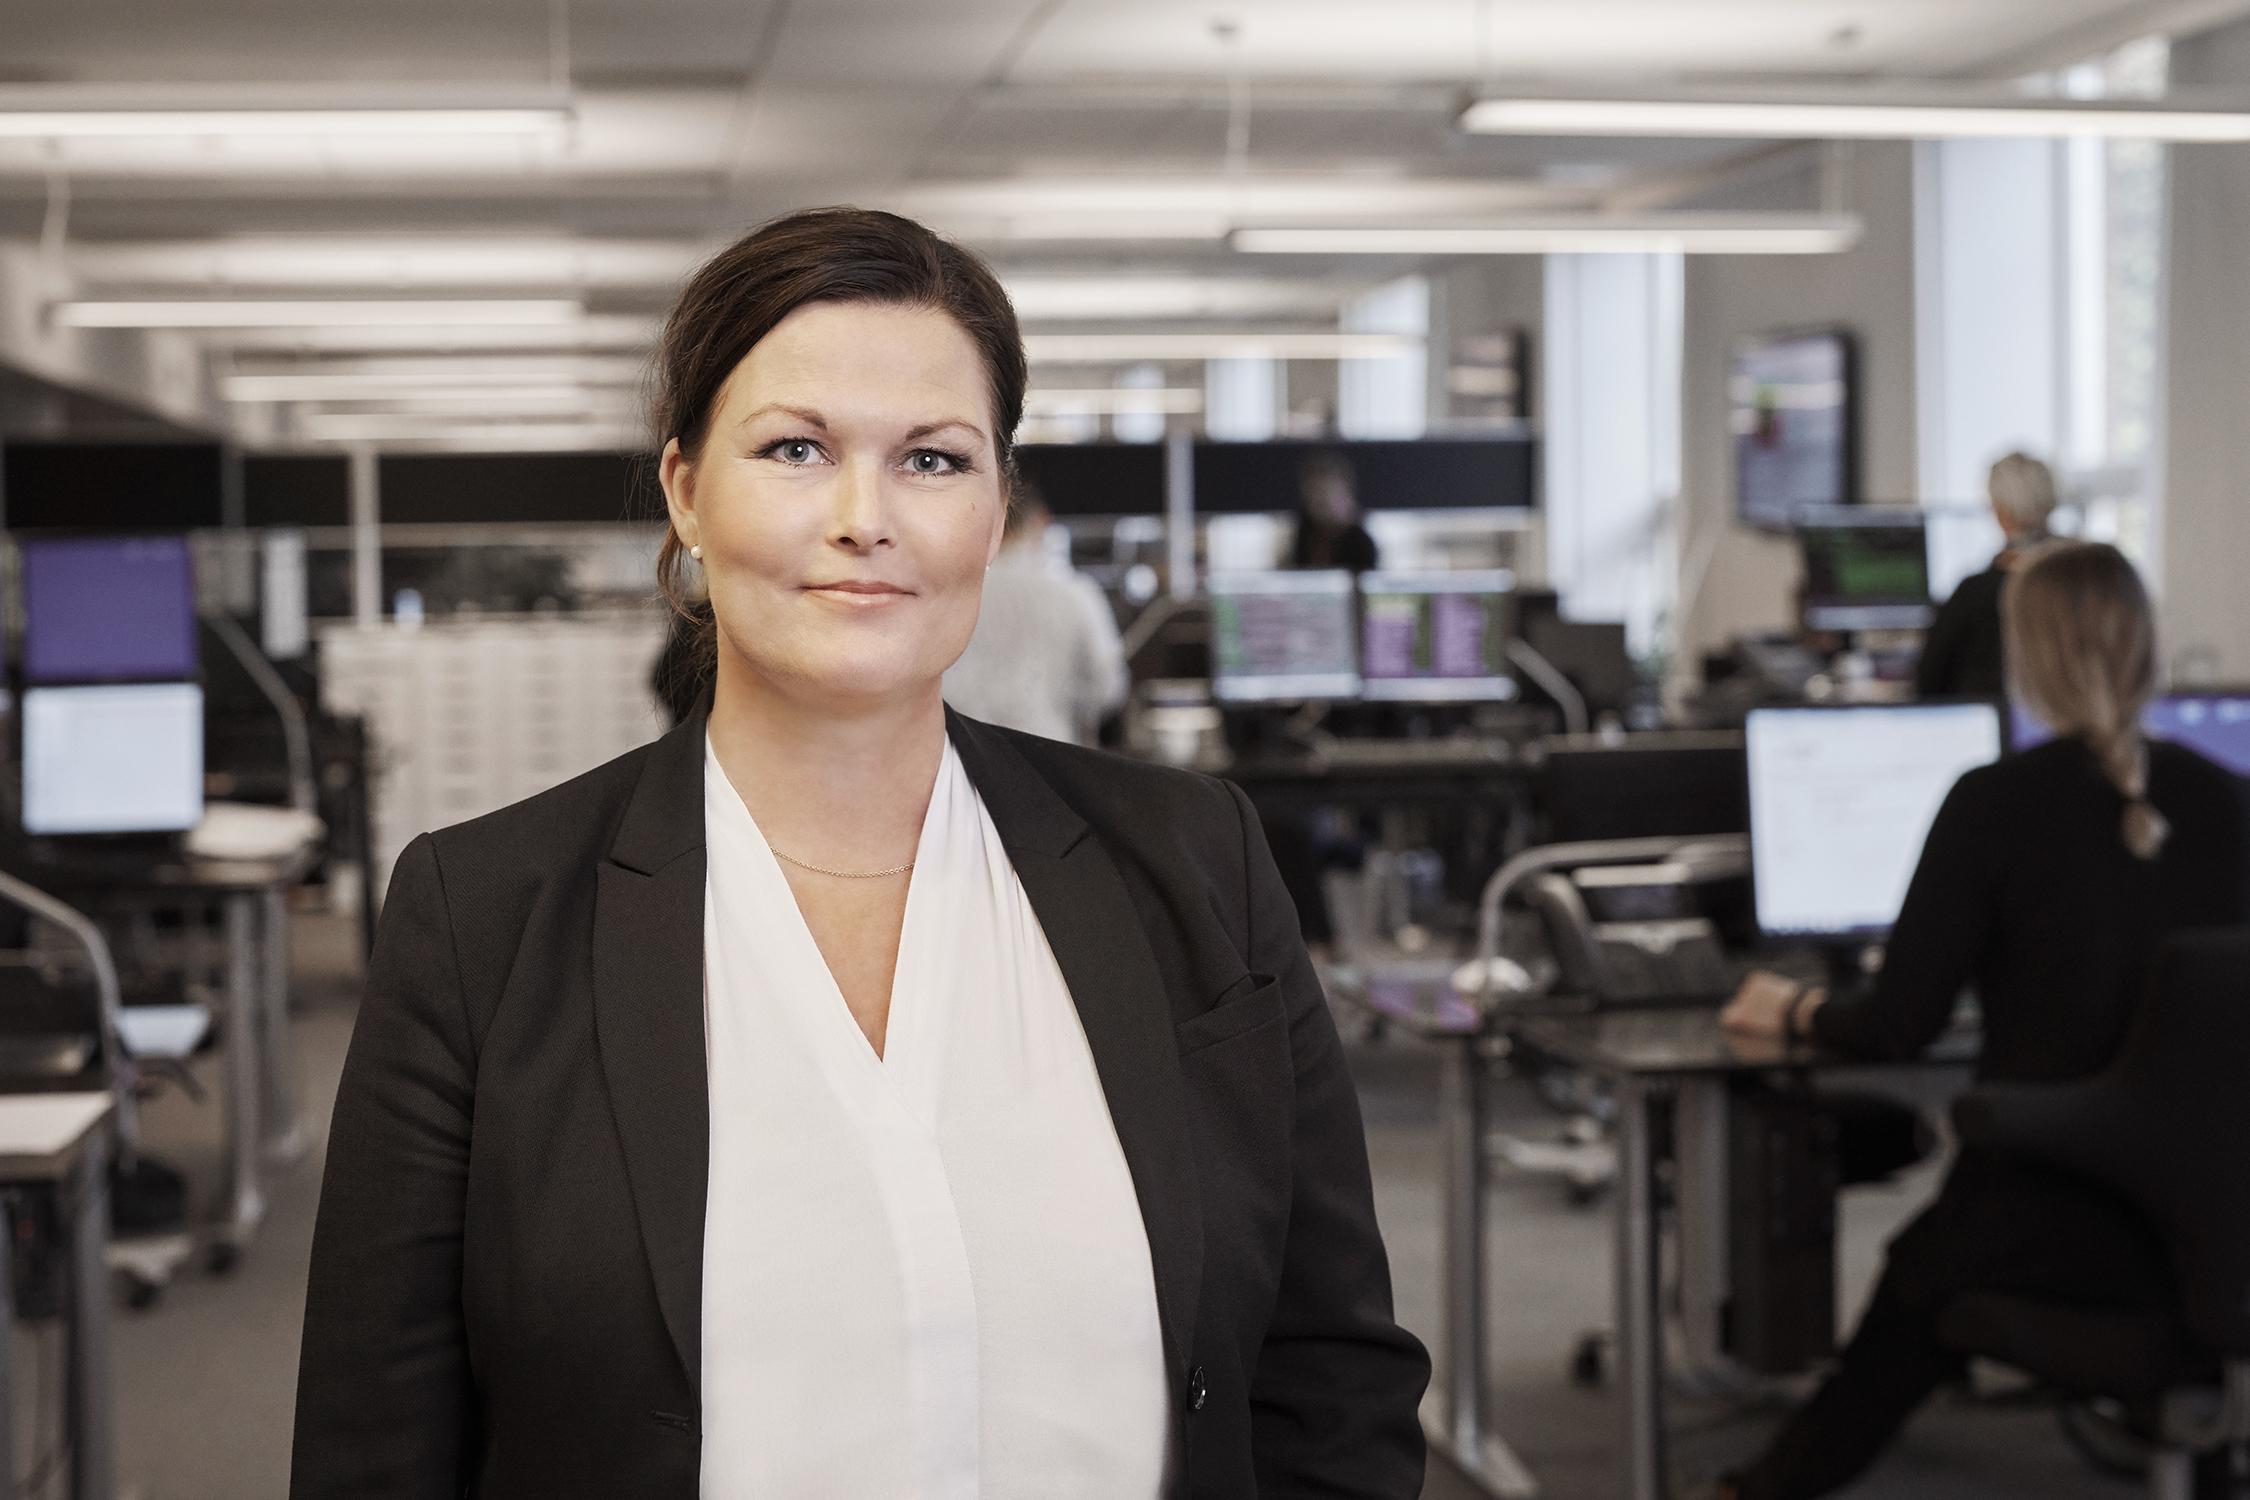 Divisionsdirektør Karin Tranberg på alarmcentralen SOS International. SOS har lige nu 3.250 corona-relaterede sager med danske statsborgere i udlandet. Arkivpressefoto fra SOS International.